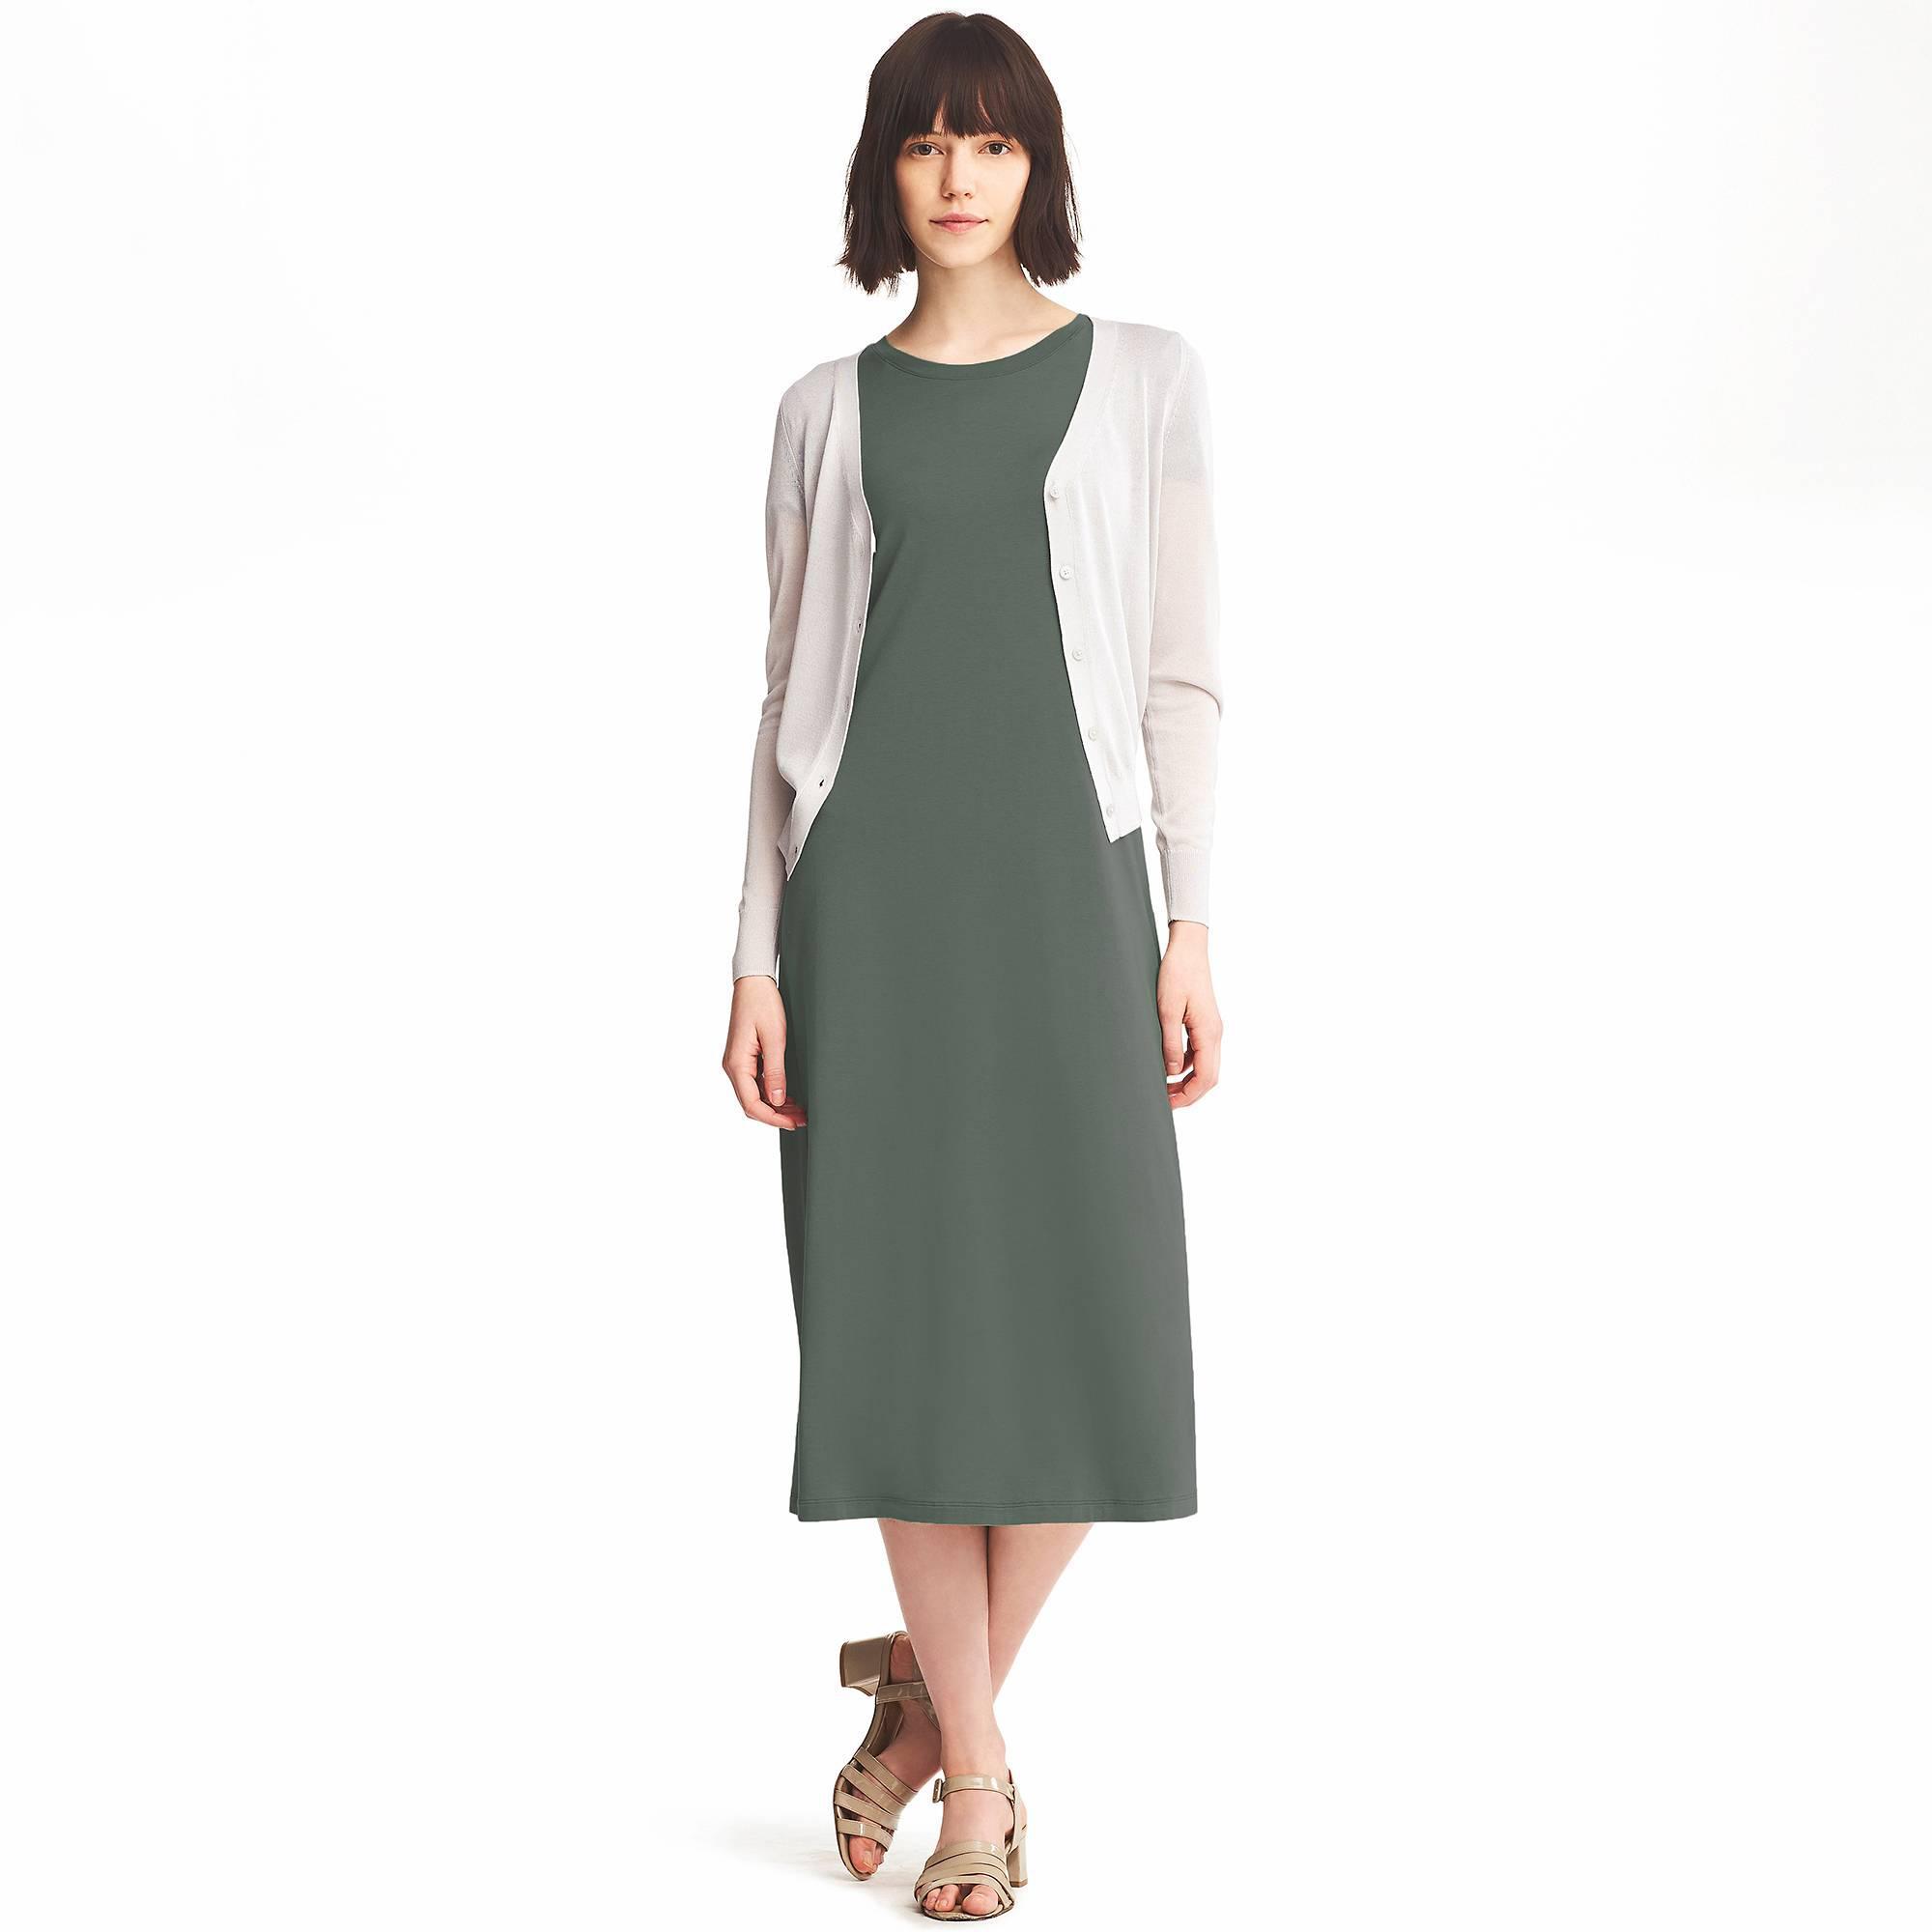 8f8f0b75f0359 Lyst - Uniqlo Short Sleeve Maxi Bra Dress in Green